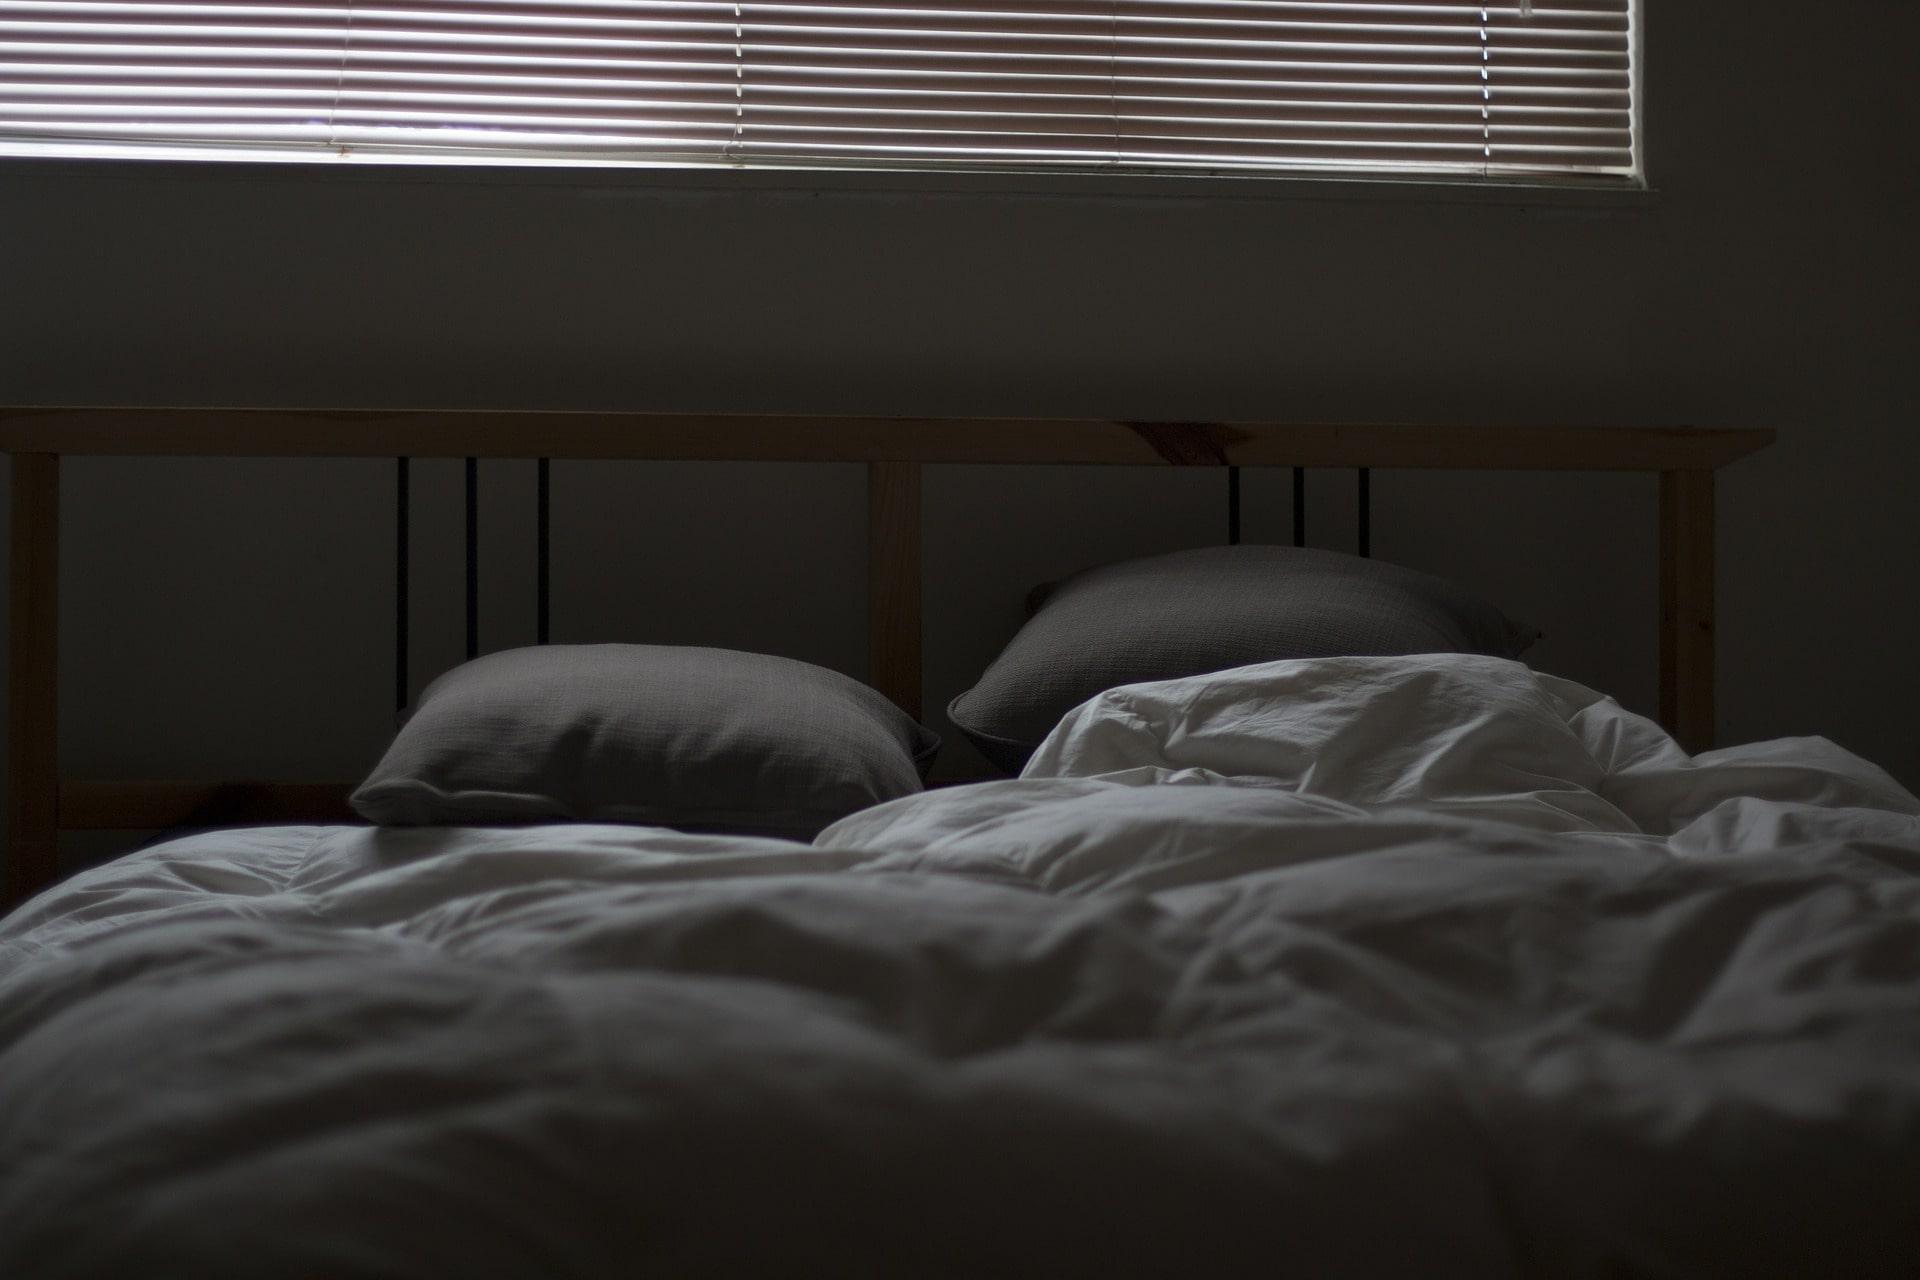 cama-oscuras-vitta-colchon